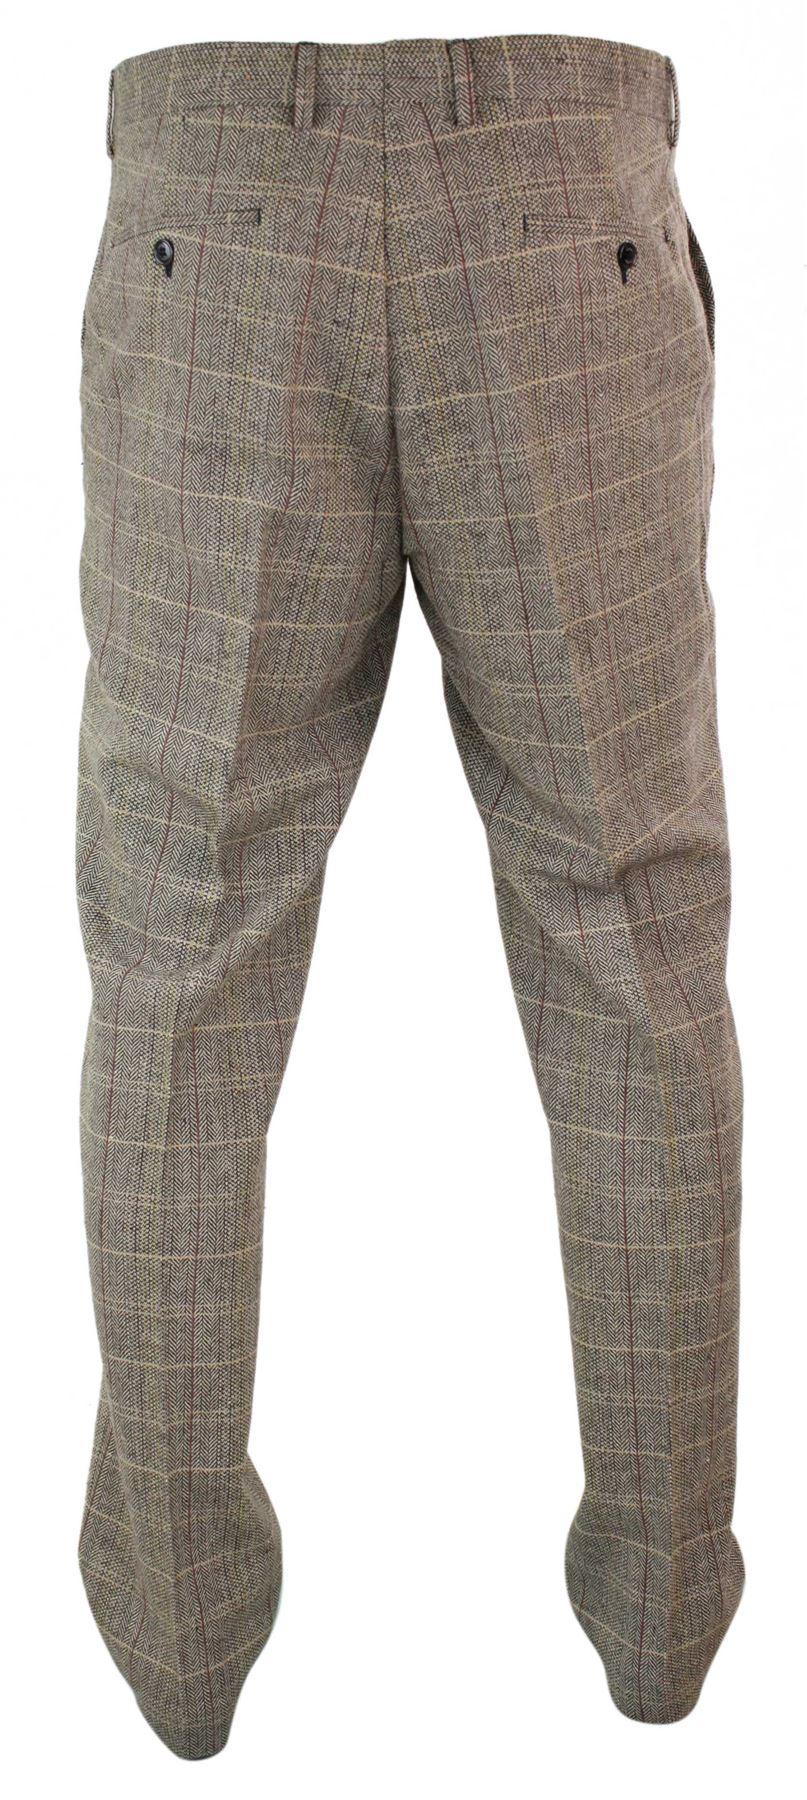 Mens-Herringbone-Tweed-Check-Peaky-Blinders-Trousers-Wool-Vintage-Classic-Retro thumbnail 9